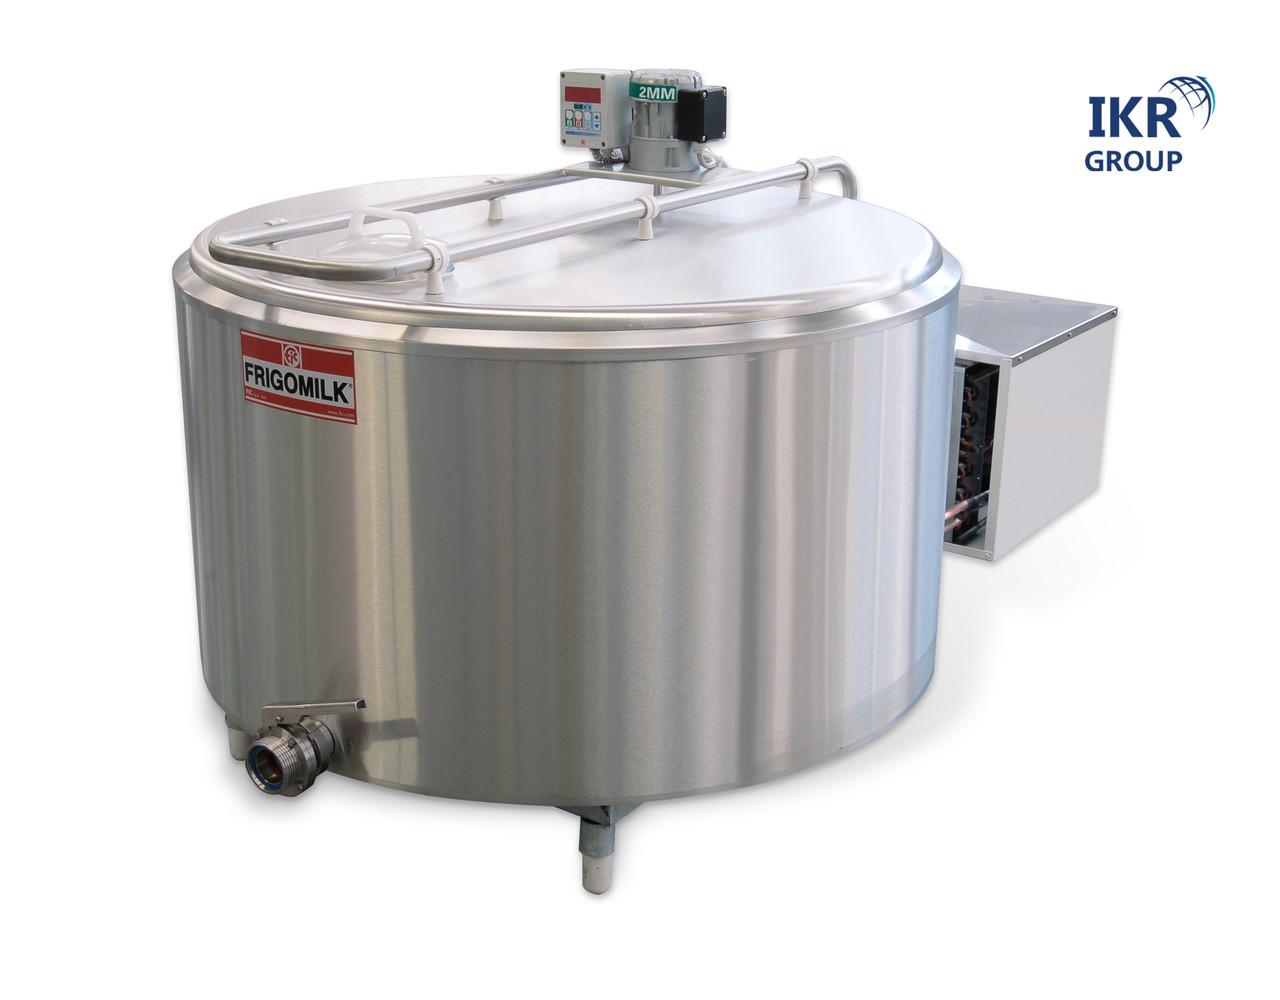 Охолоджувач молока новий Frigomilk G4 об'ємом 2000 літрів